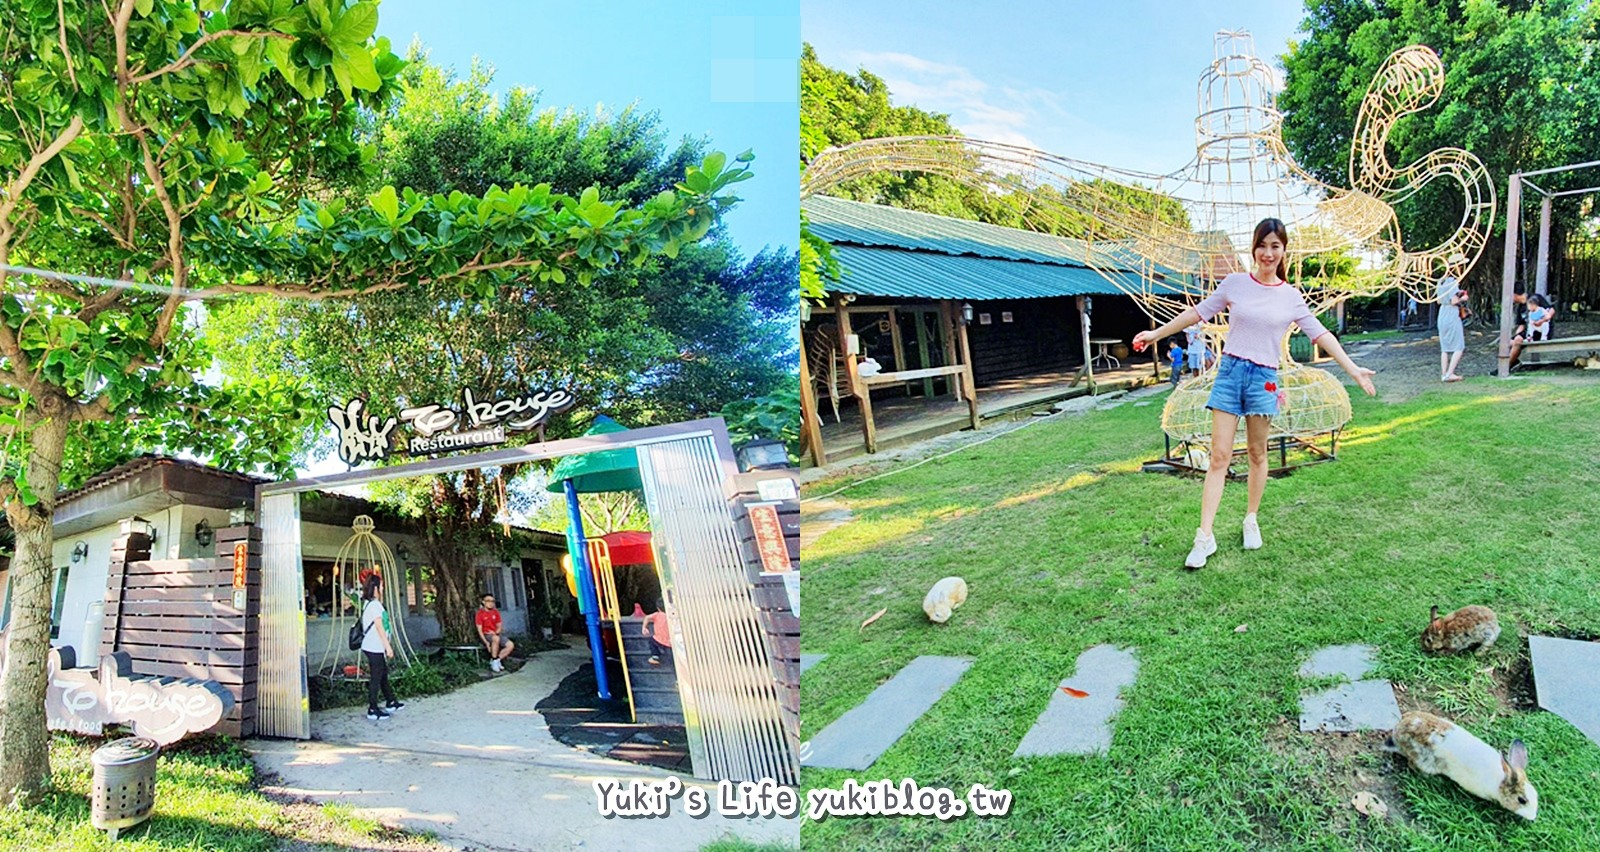 新北【TO House兔子親子庭園餐廳】餵兔子超療癒×十三行博物館附近美食 - yukiblog.tw